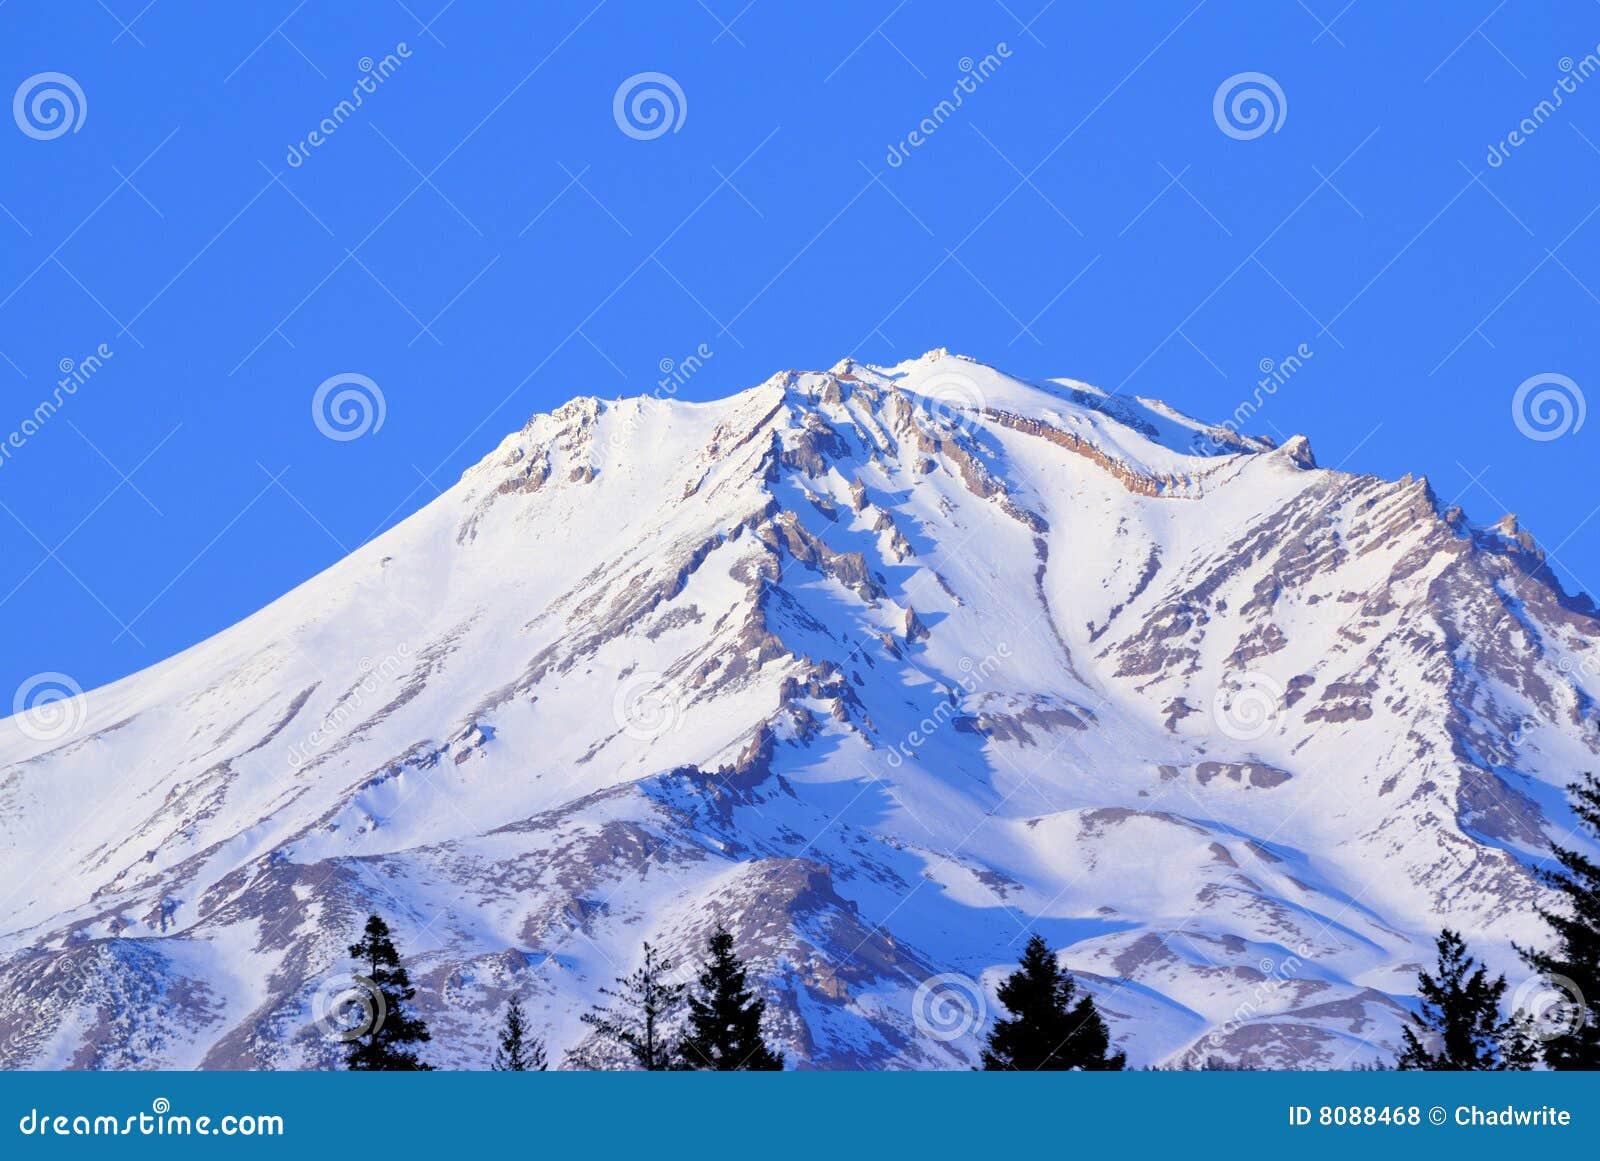 Schnee Mt.-Shasta